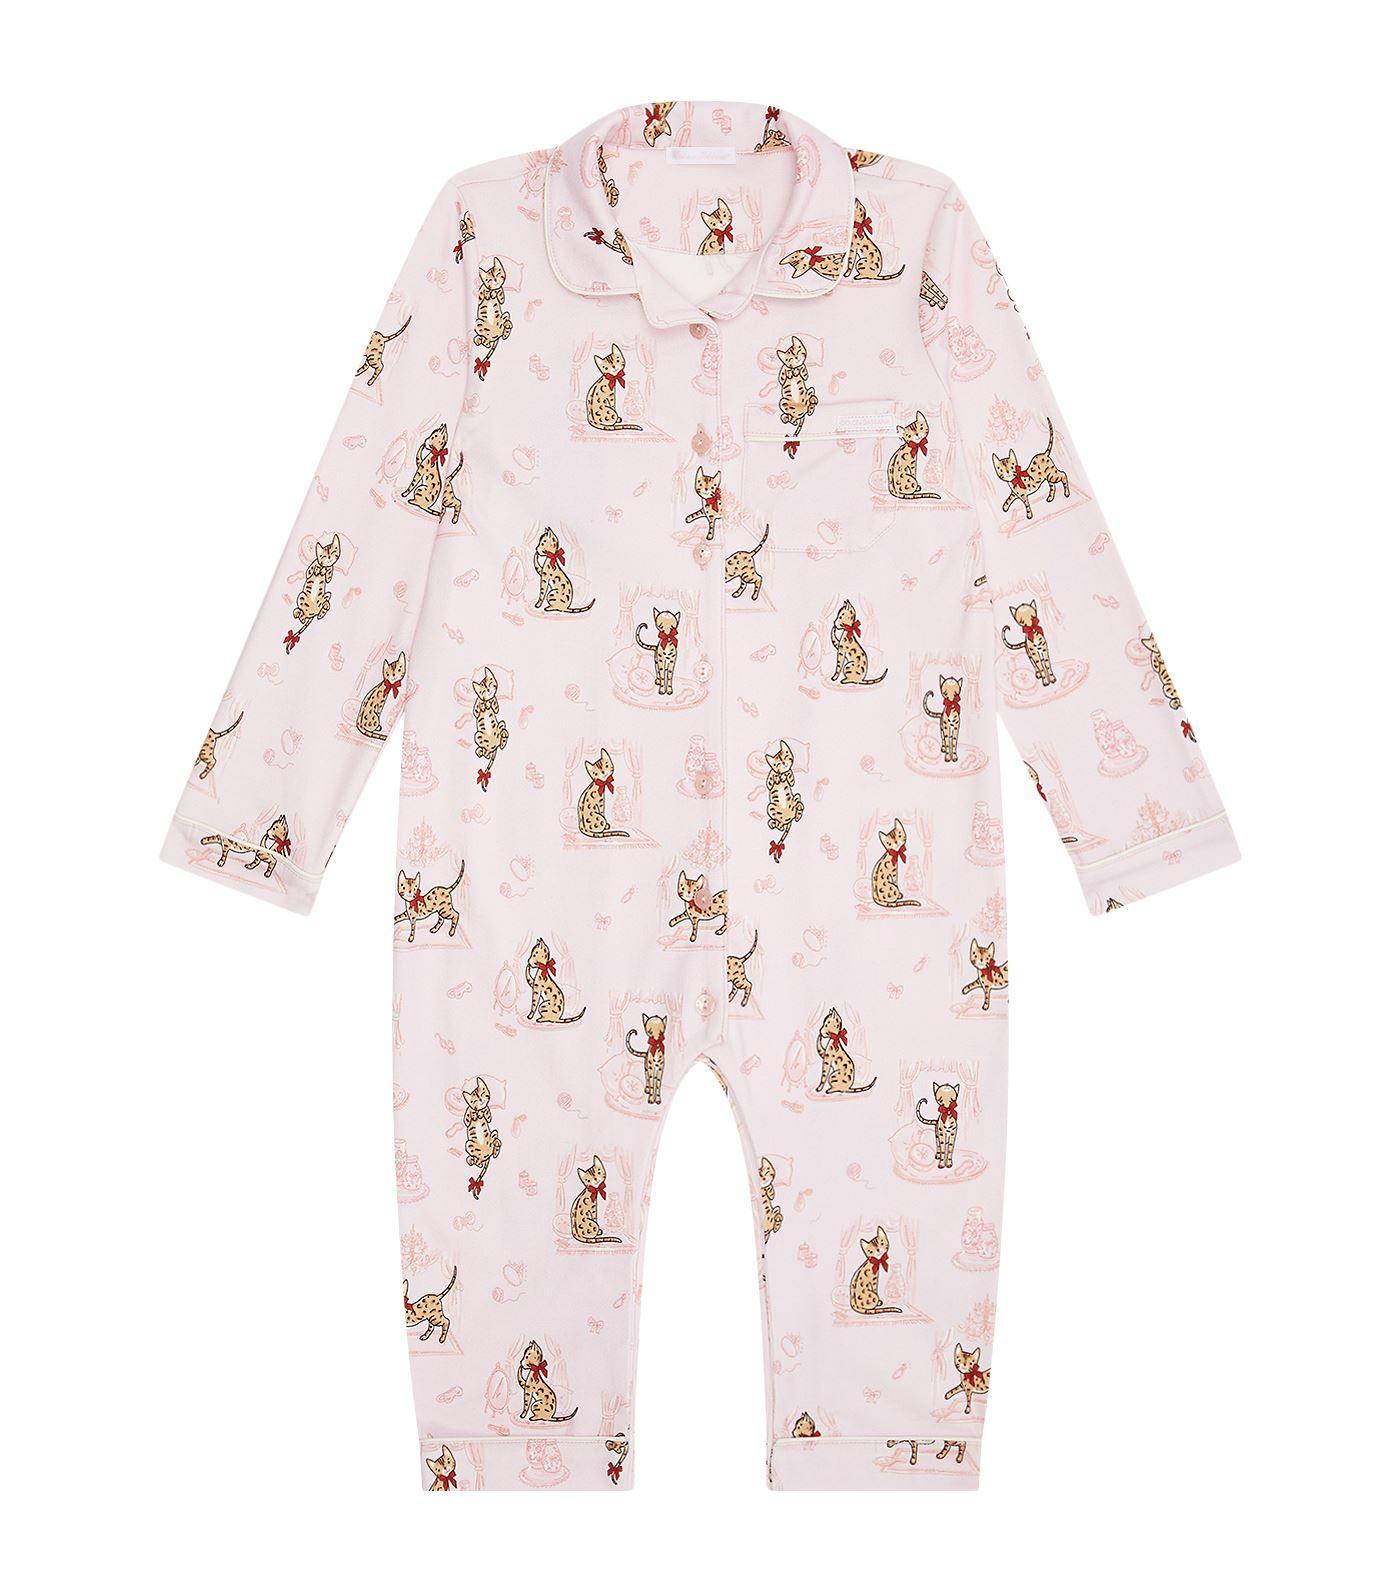 Dolce & Gabbana Pyjama Playsuit In Multi